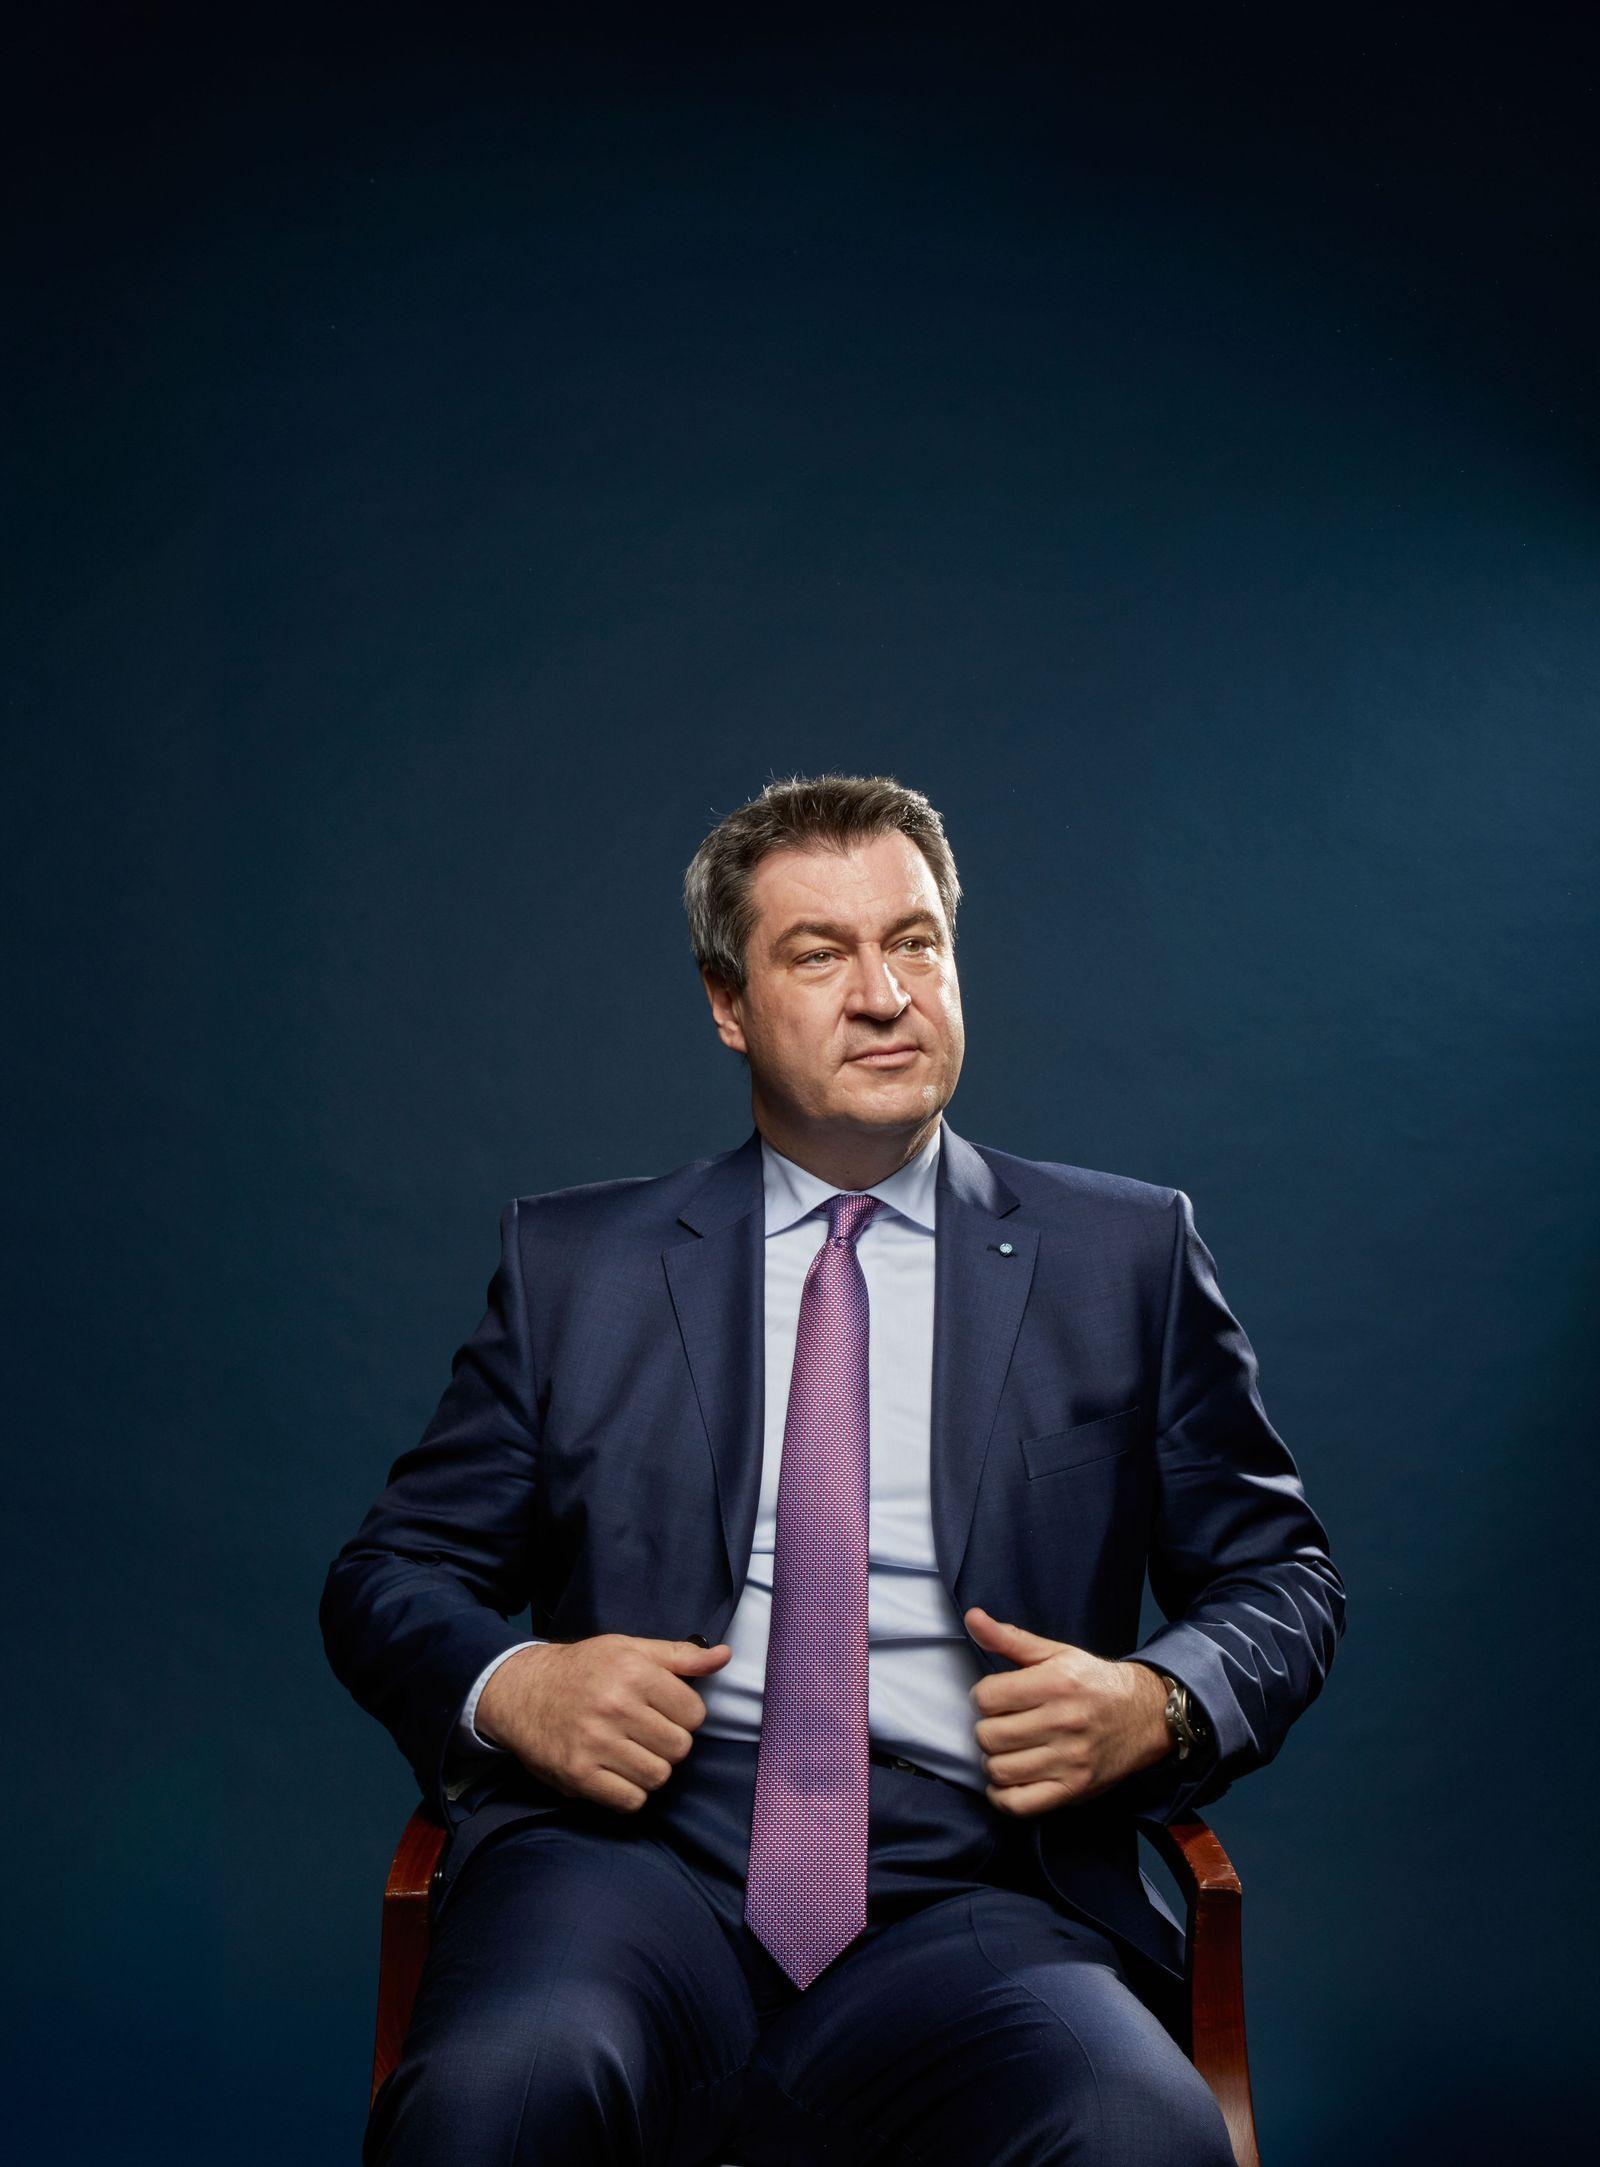 EINMALIGE VERWENDUNG PLUS DER SPIEGEL 16/2018 S. 38 Söder Interview STARTBILD